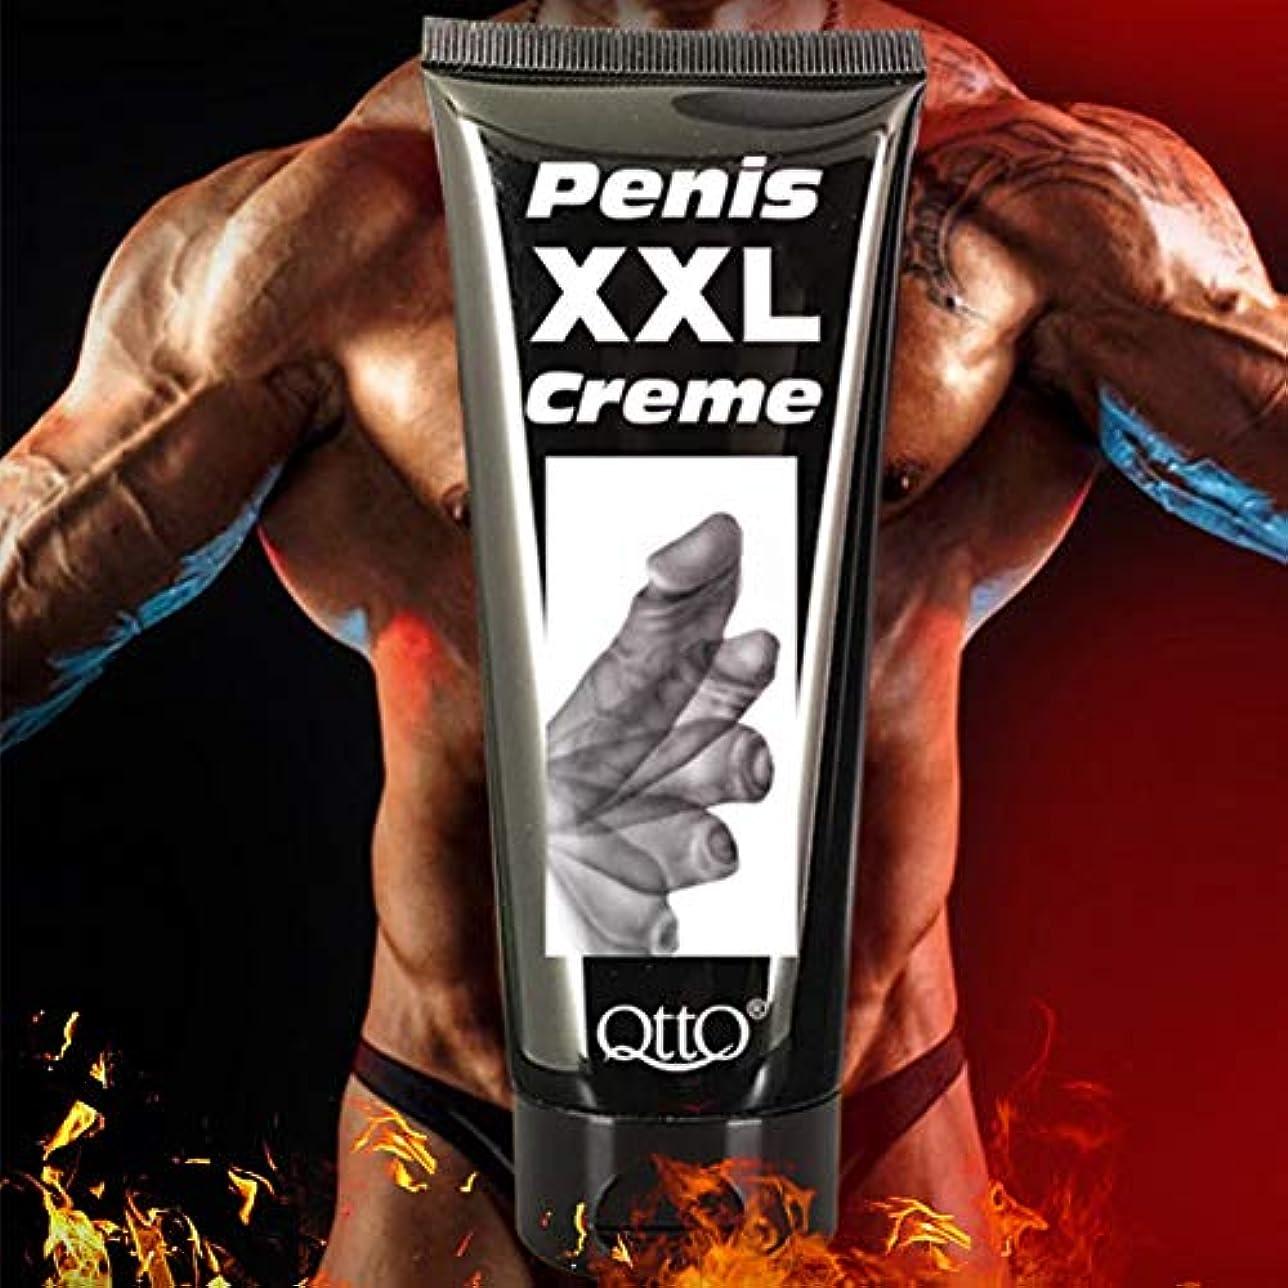 元気な適用済みラップトップBalai 男性用 ペニス拡大 クリームビッグディック 濃厚化成長強化パフォーマンス セックス製品